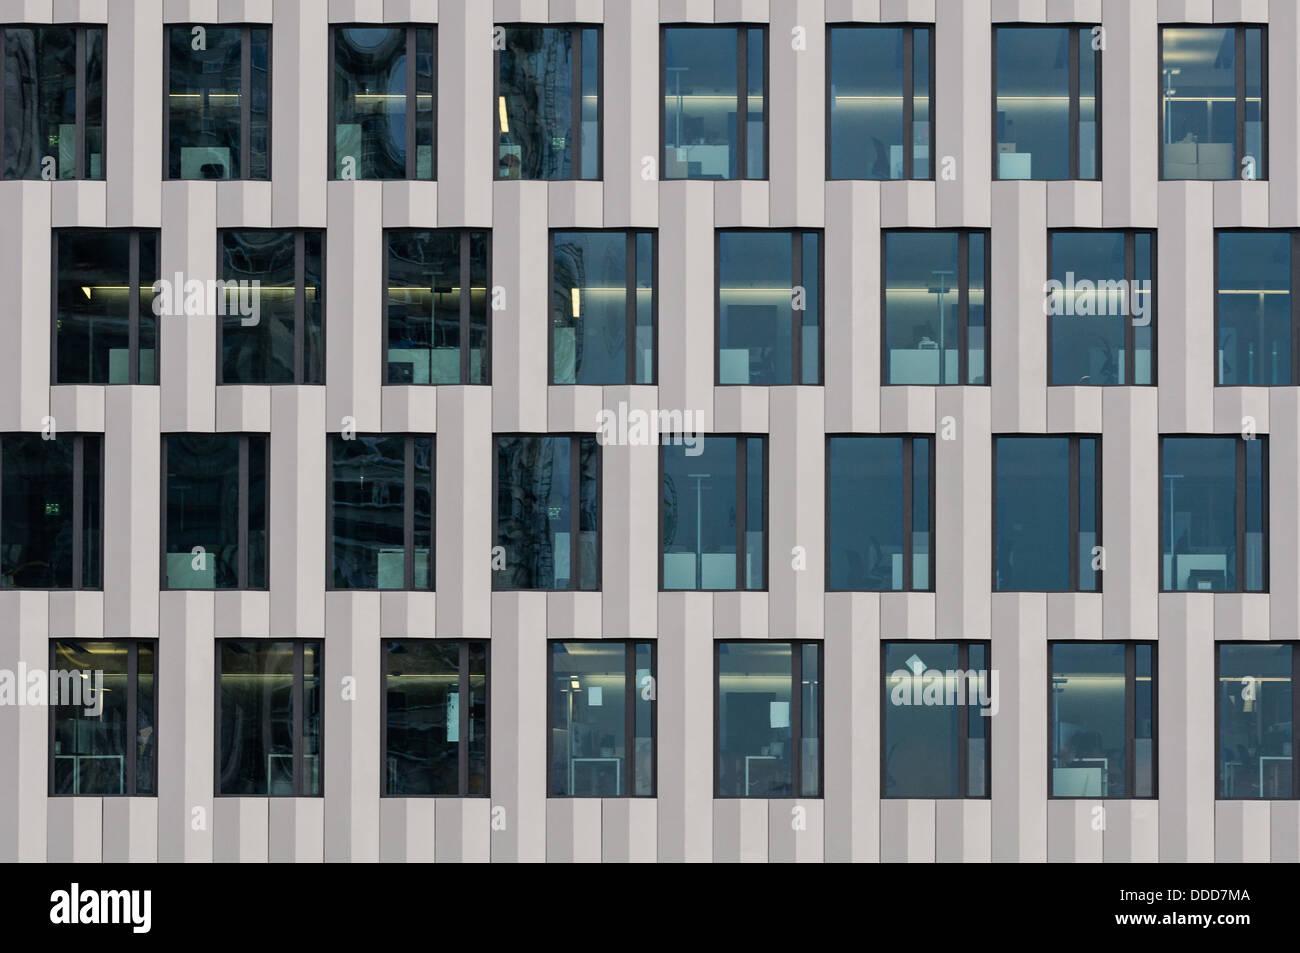 Google s zurich office design inspiring brand spaces